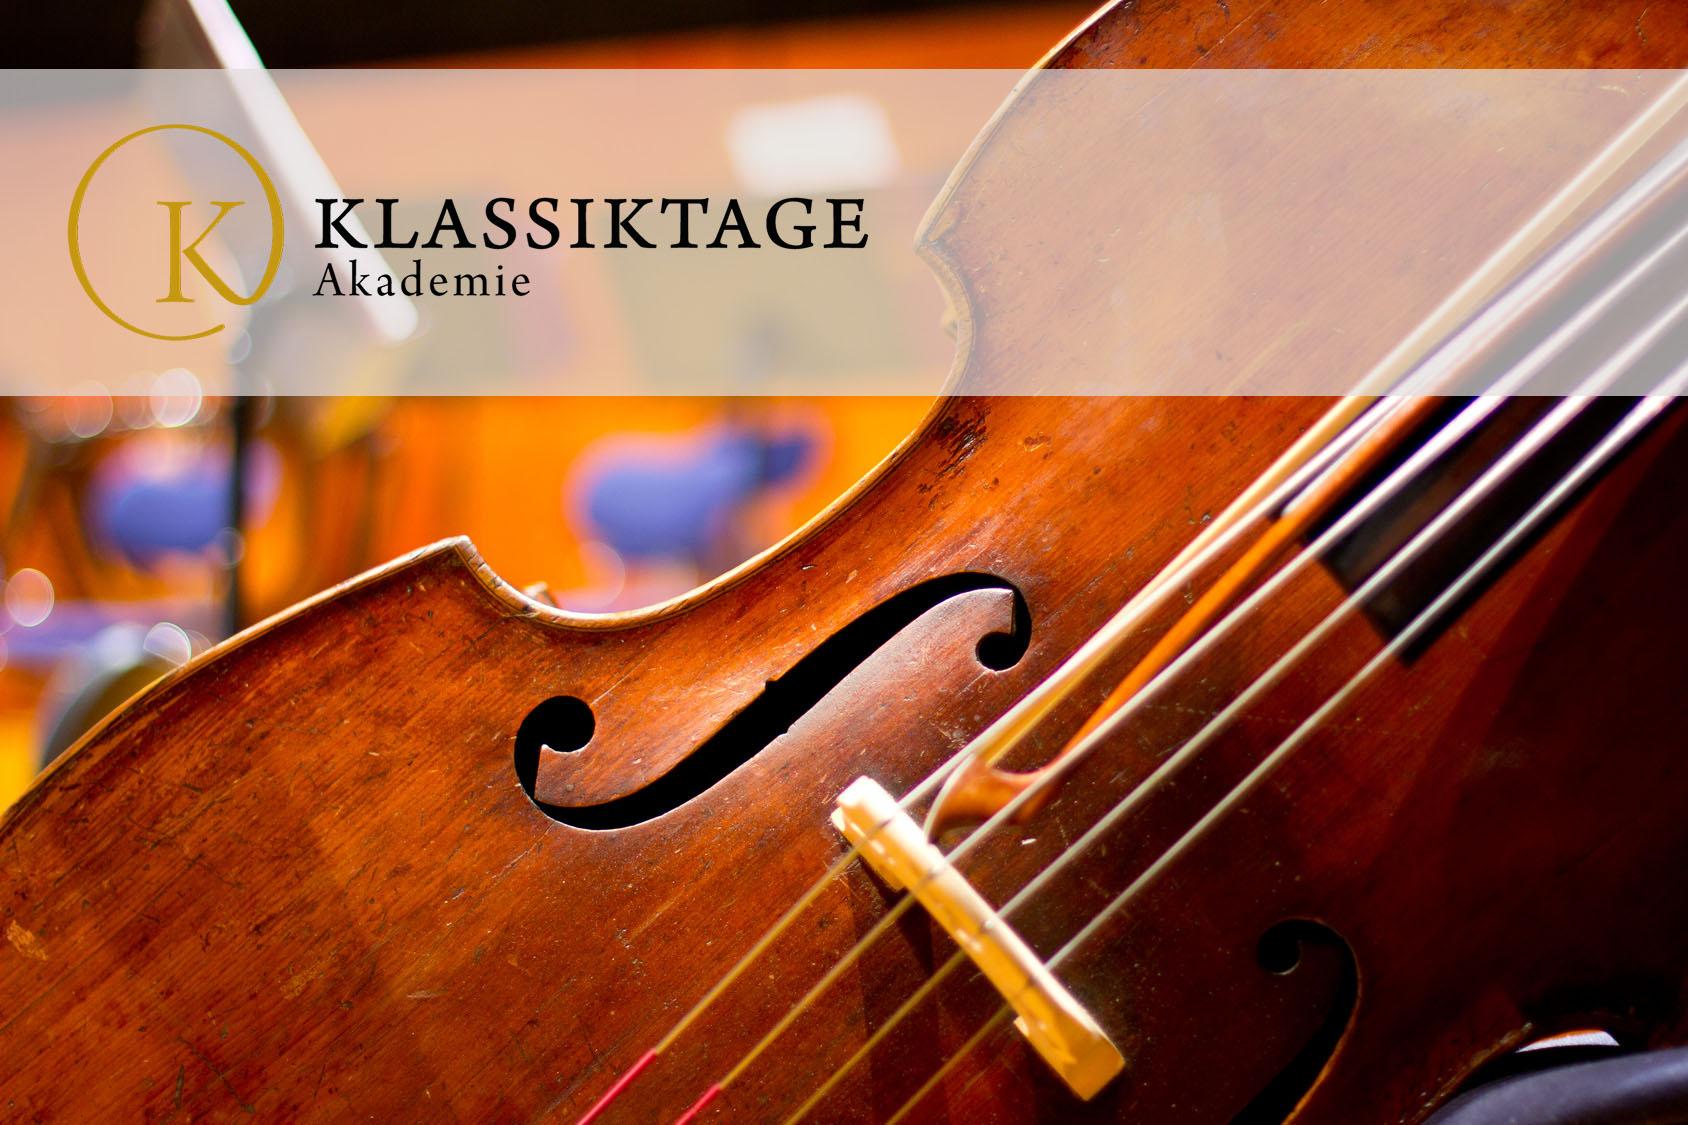 Kultur Kreativwirtschaft Zugspitz Region Klassiktage Akademie